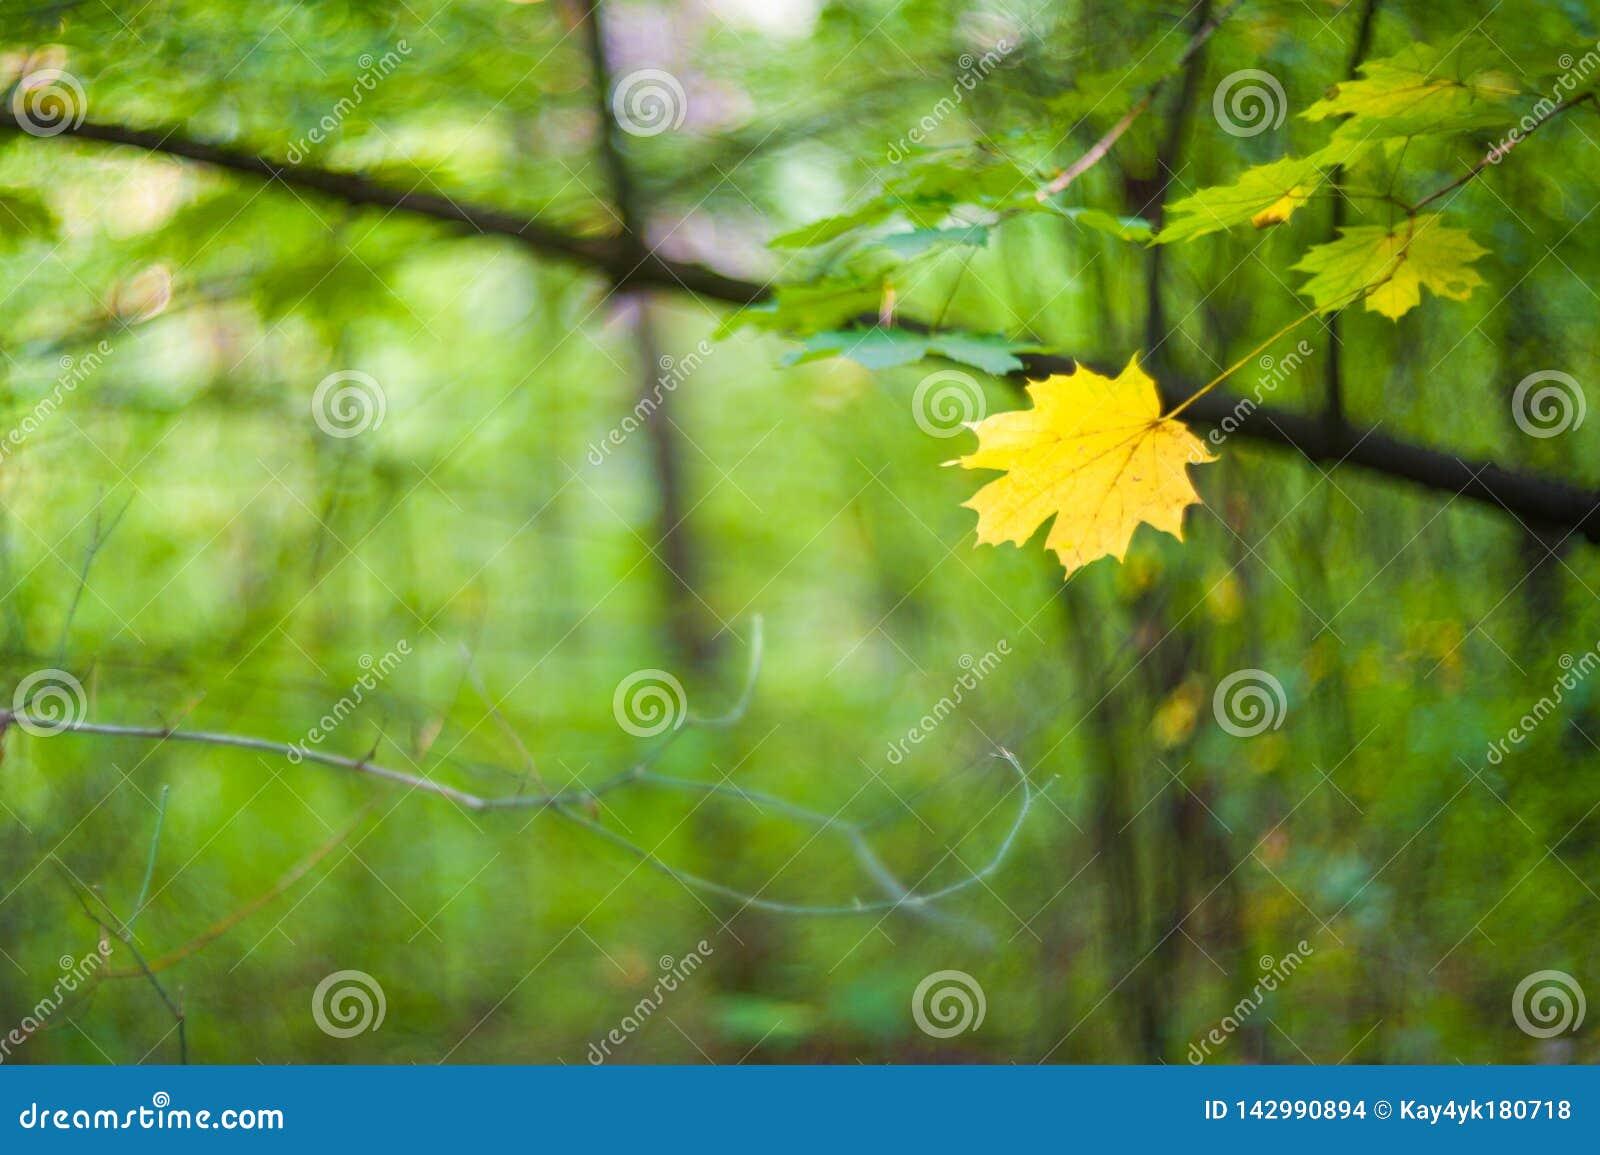 Желтый кленовый лист на зеленой предпосылке, одиночные лист